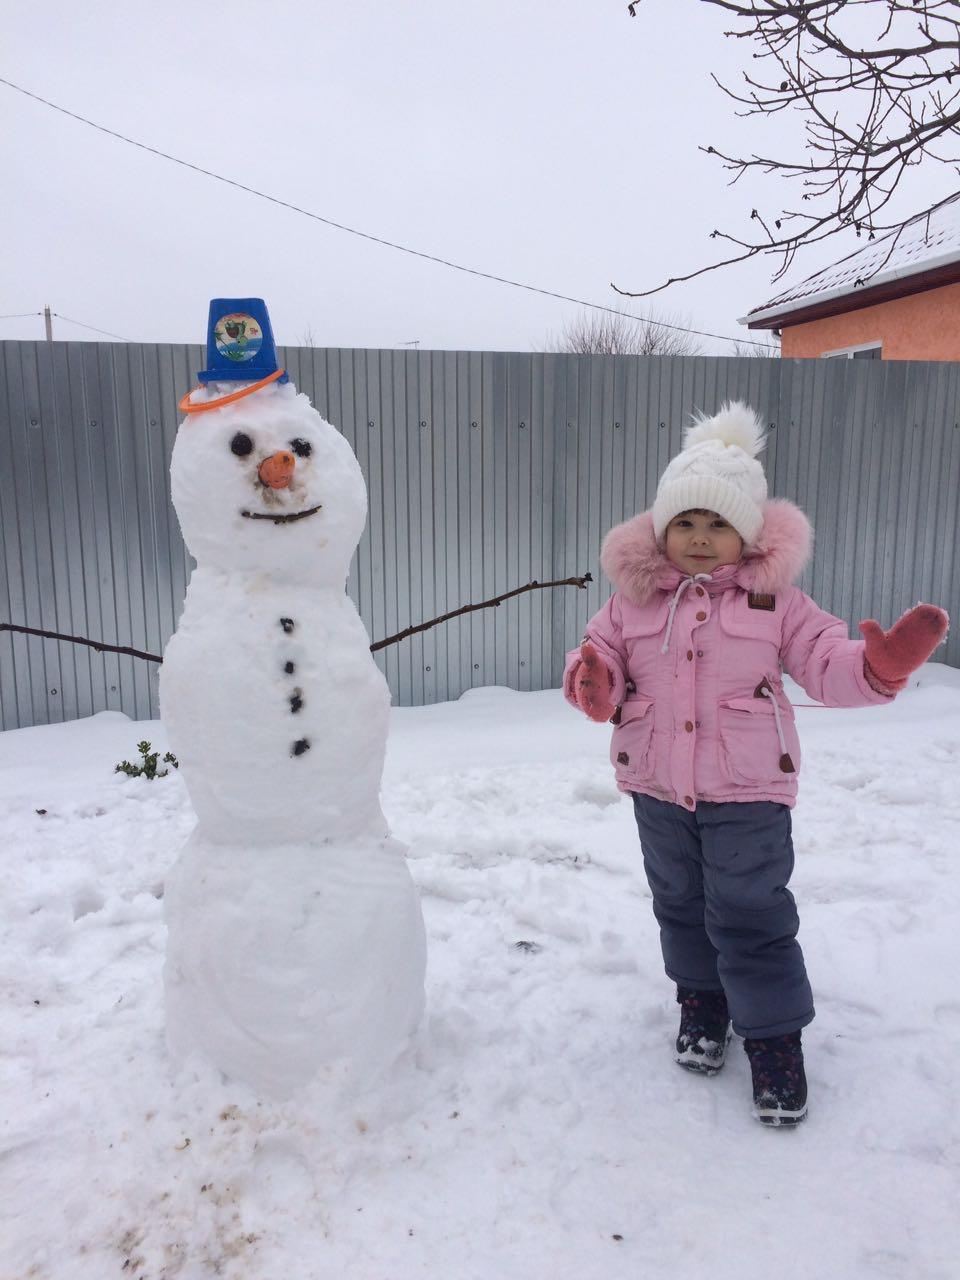 Вот мой снеговик) Как Вам?. Веселая зима